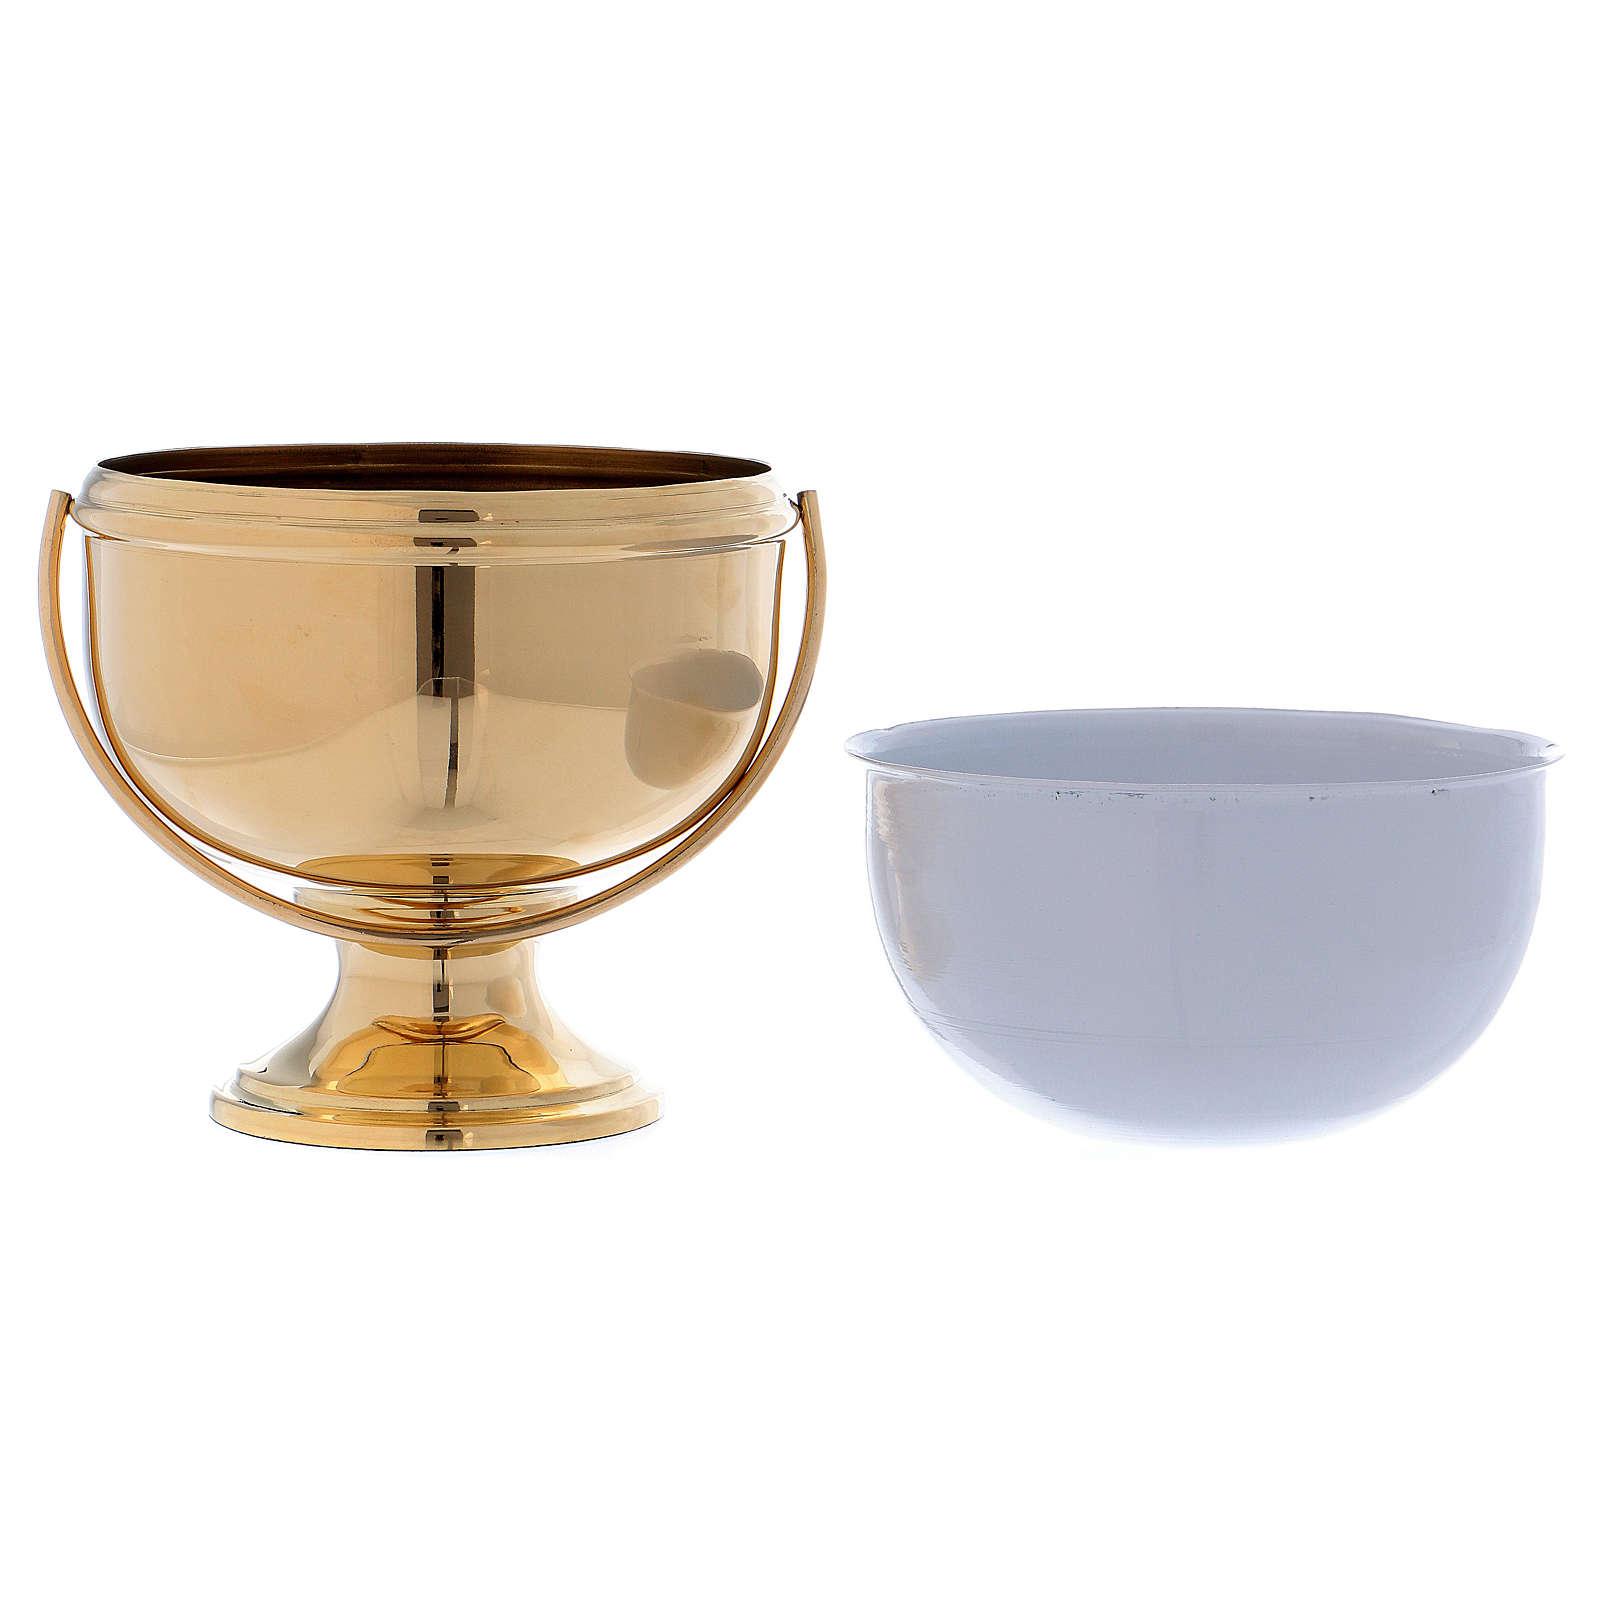 Sceau pour eau bénite en laiton doré intérieur blanc amovible 3